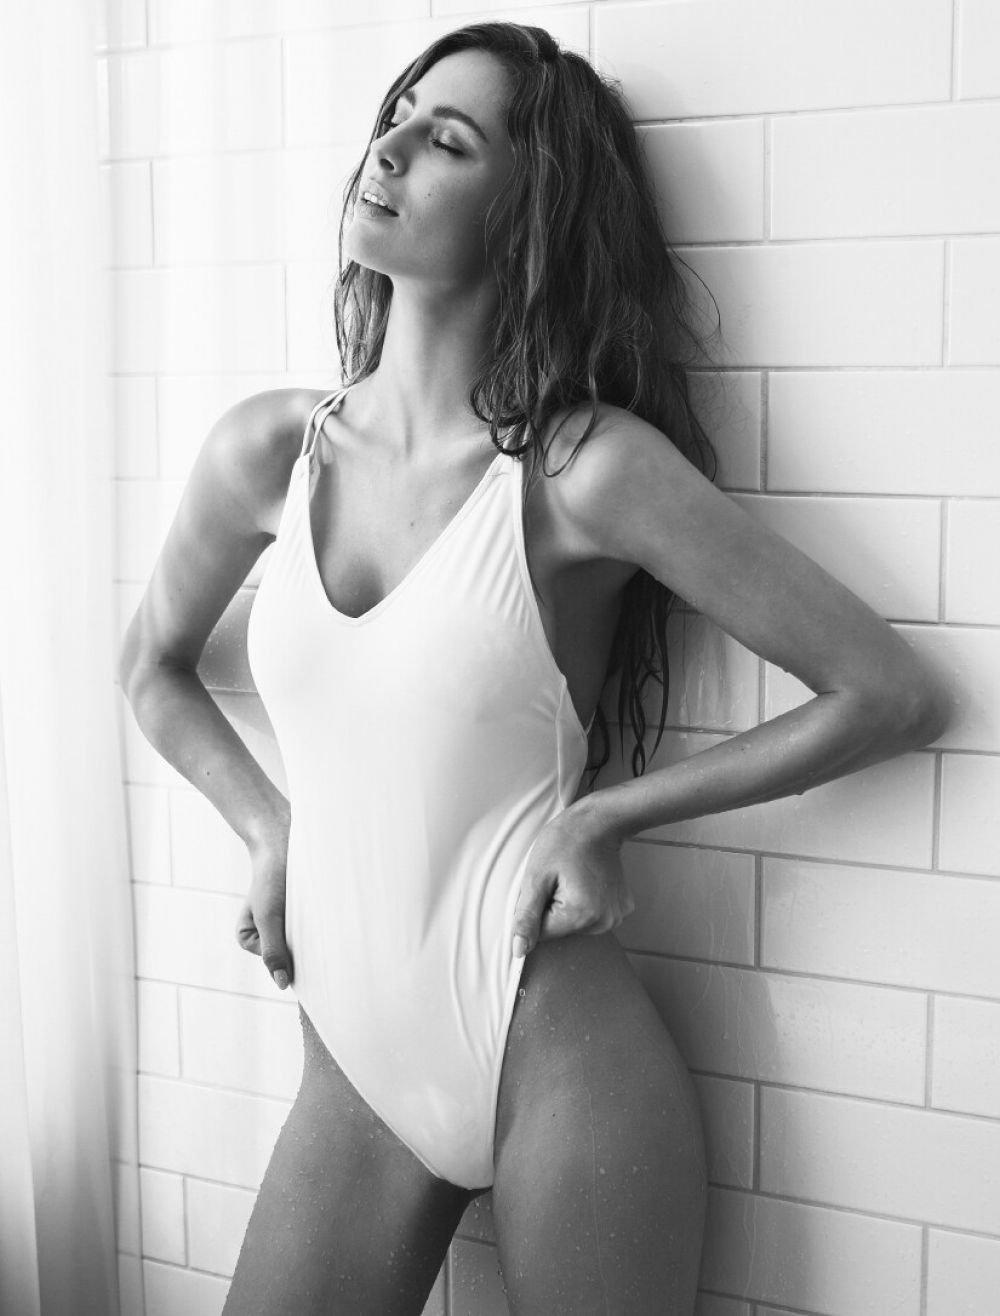 Hottest female athletes naked